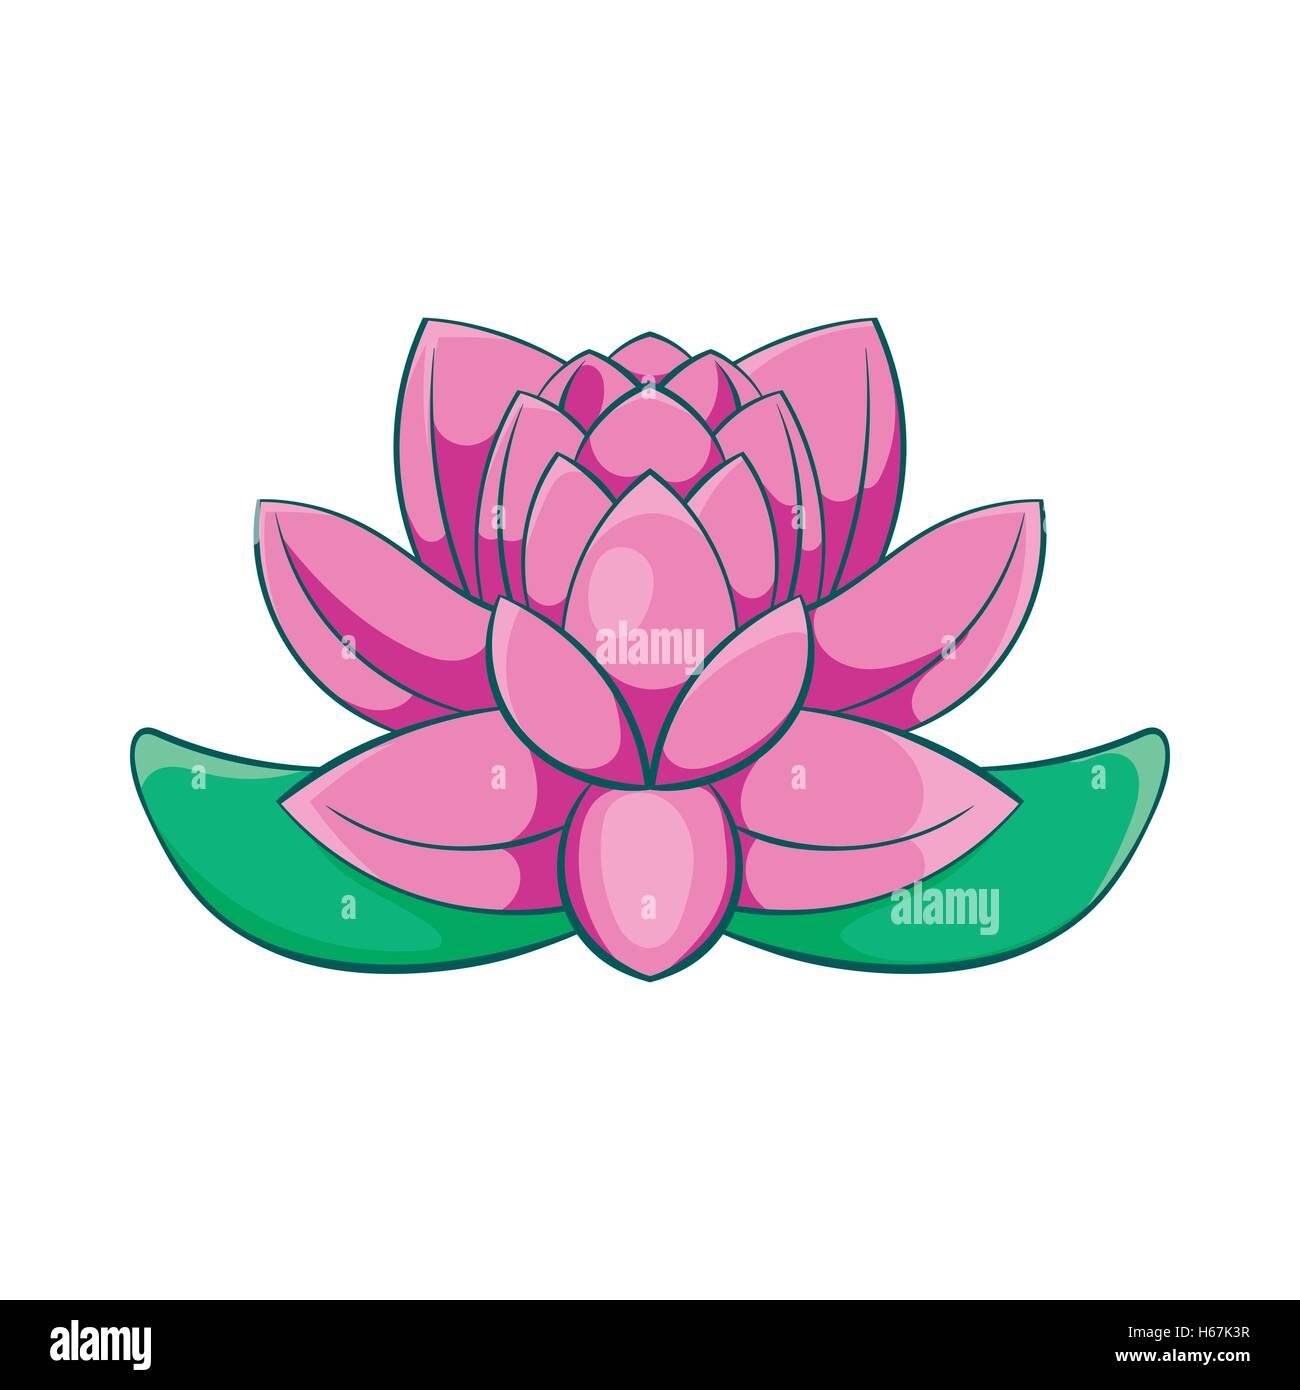 Rosa Flor De Loto El Icono De Estilo De Dibujos Animados